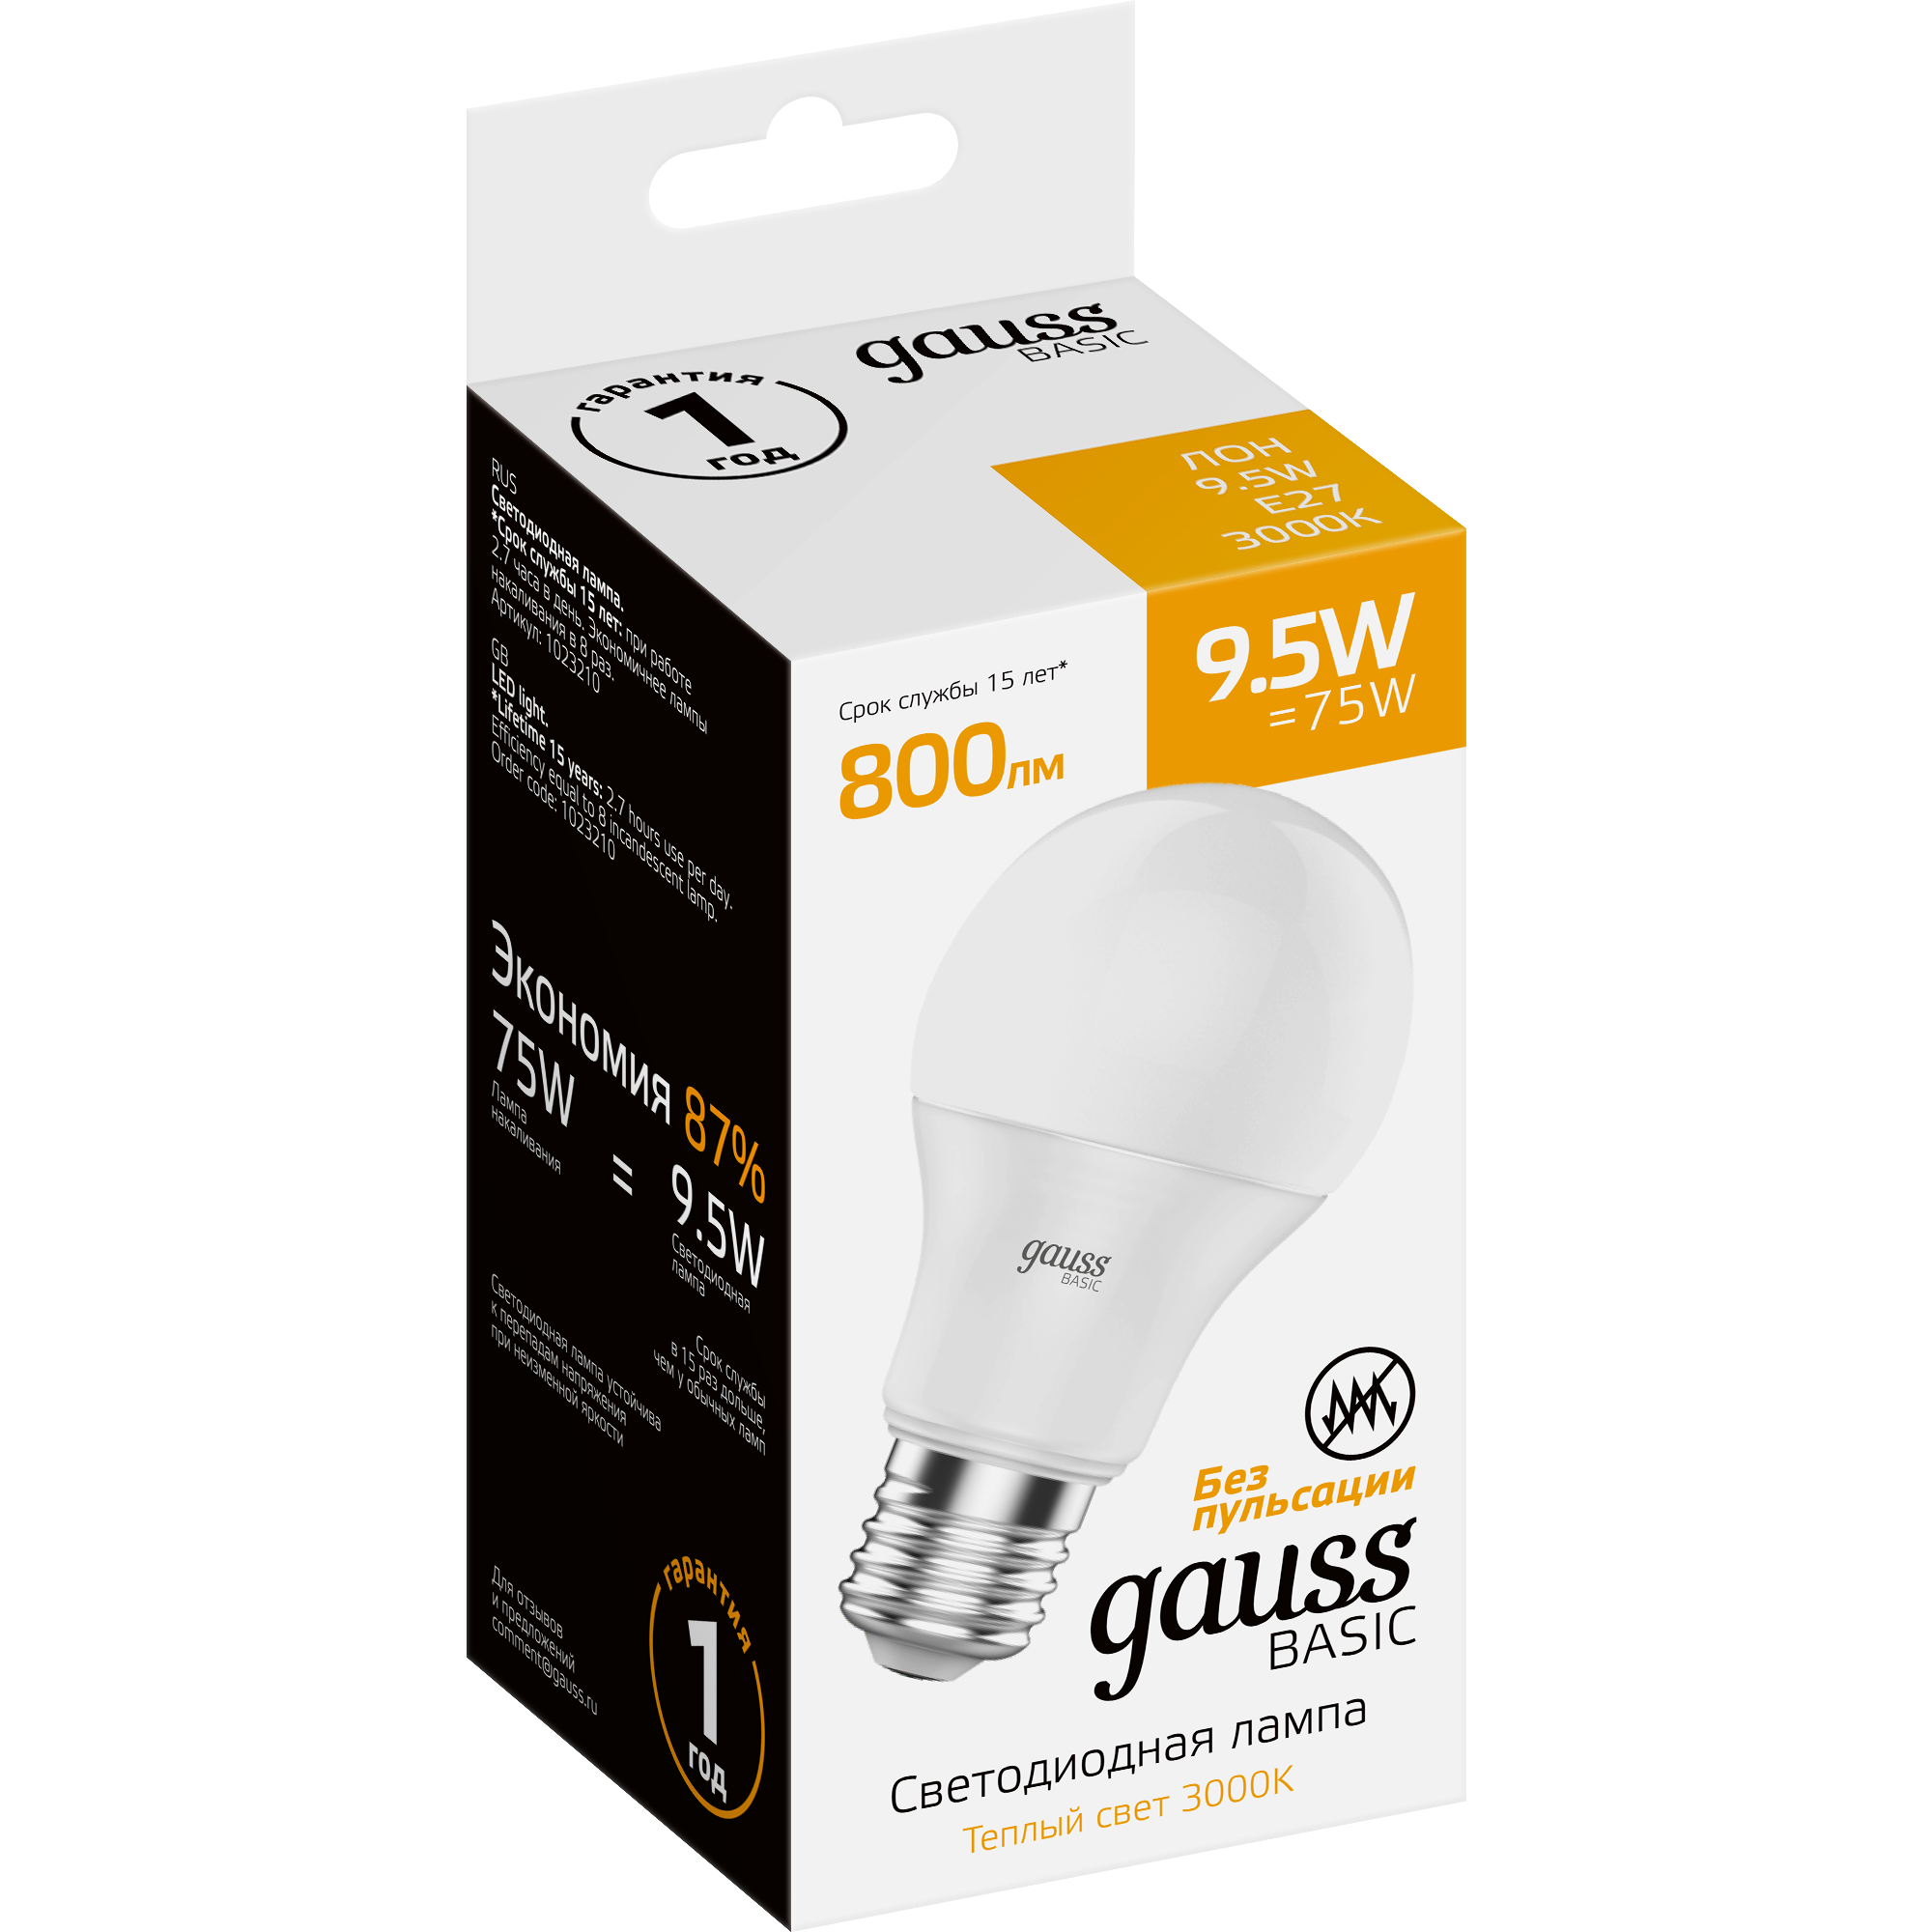 Лампа светодиодная Gauss Basic E27 220 В 9.5 Вт груша 800 лм тёплый белый свет